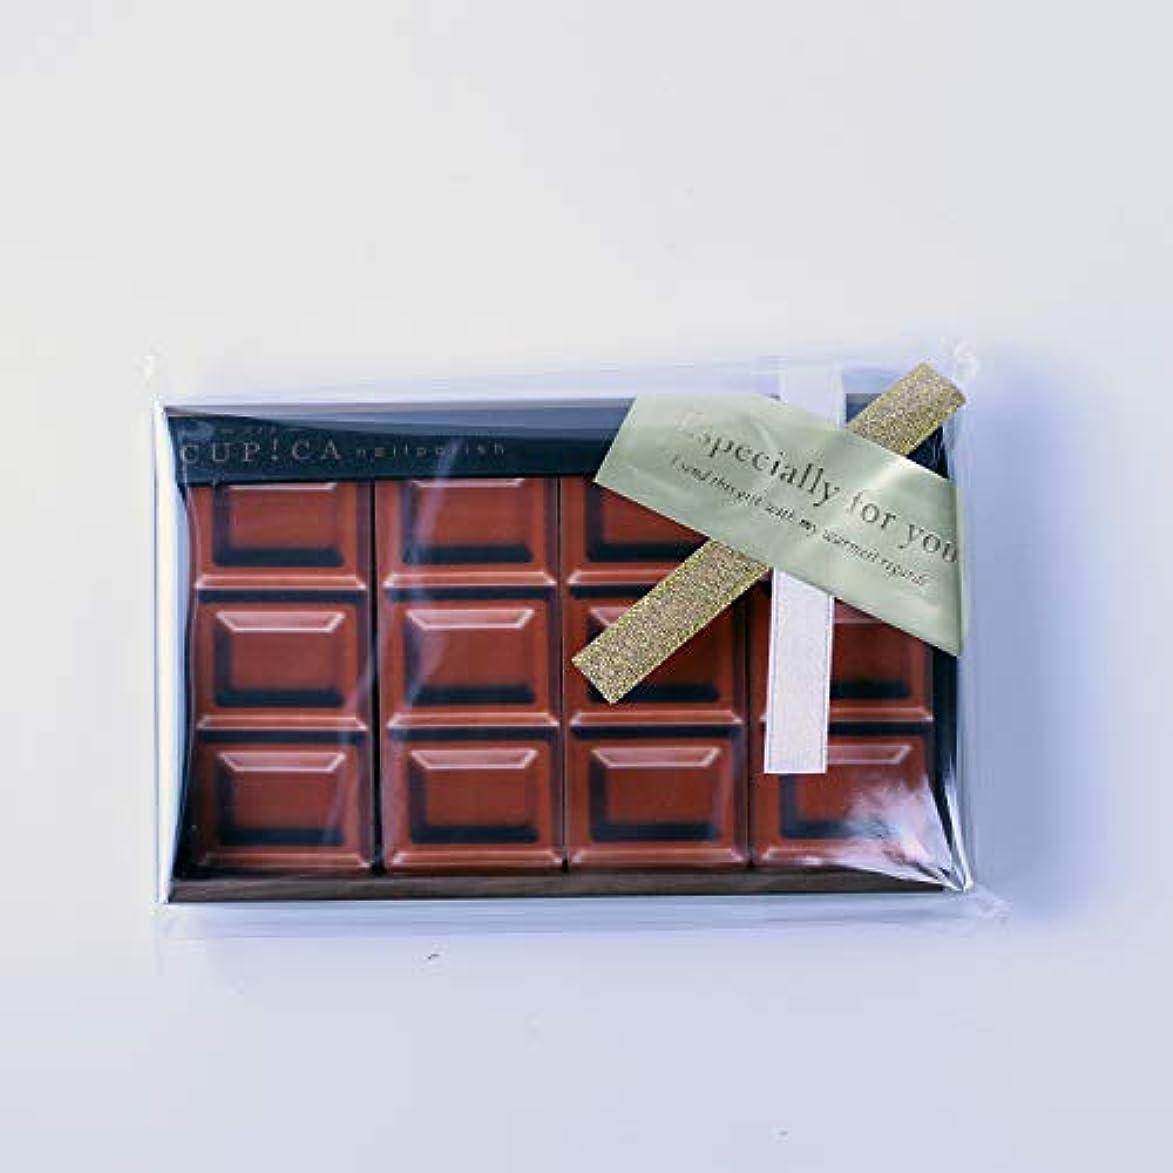 翻訳する対人請求書バレンタイン ホワイトデー ギフト お餞別 チョコのような爪磨き おもしろグッズ アルスキュピカ チョコレート柄 ギフトシール付 クリアケース入